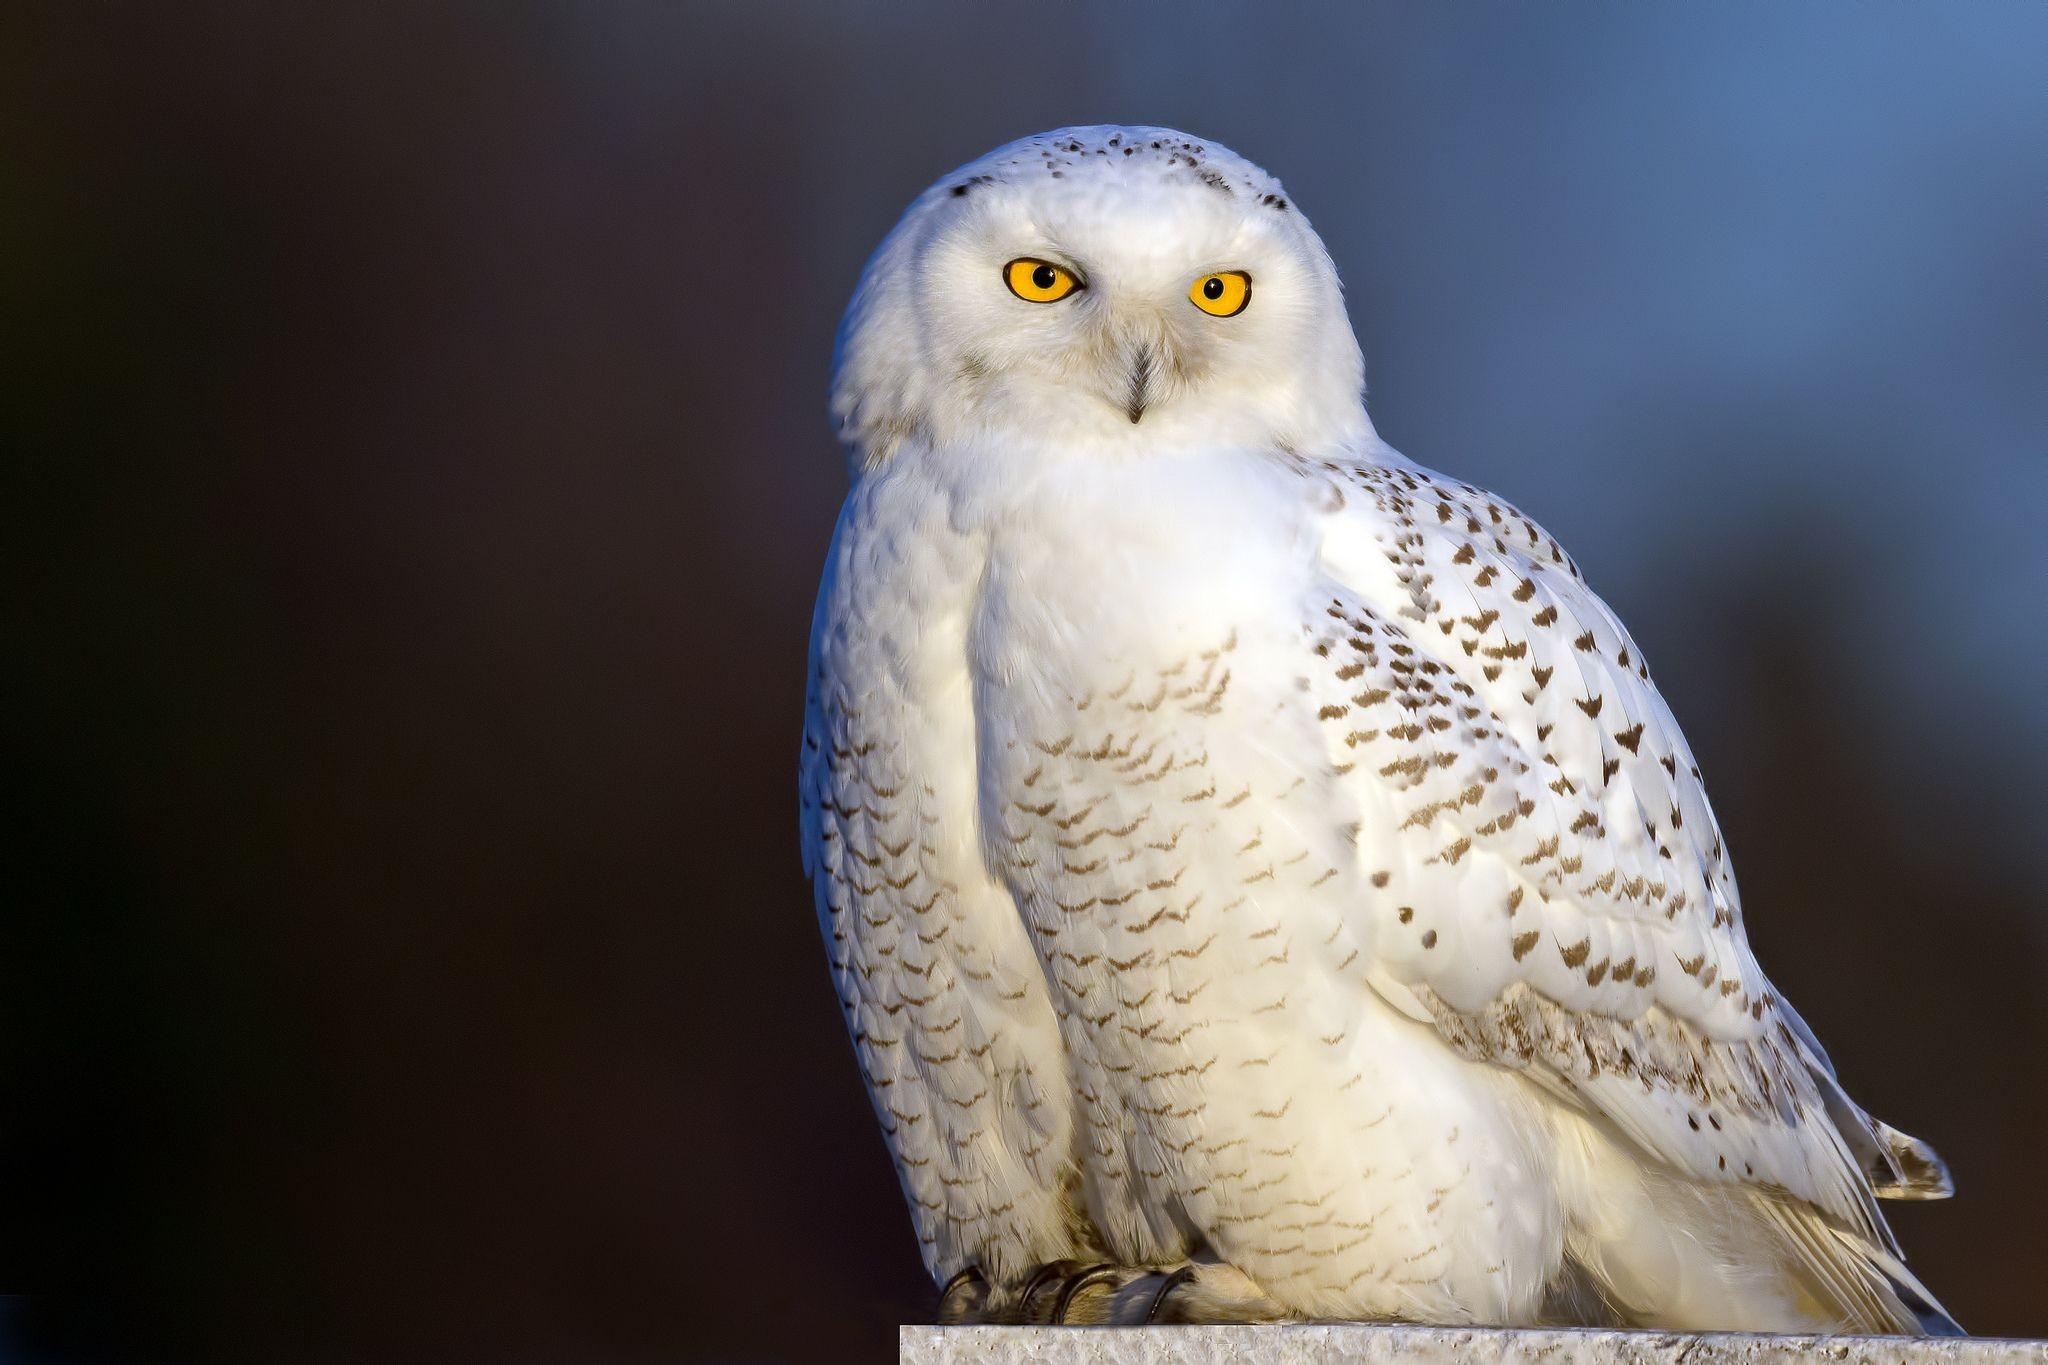 … Snowy owl animal hd 2 …